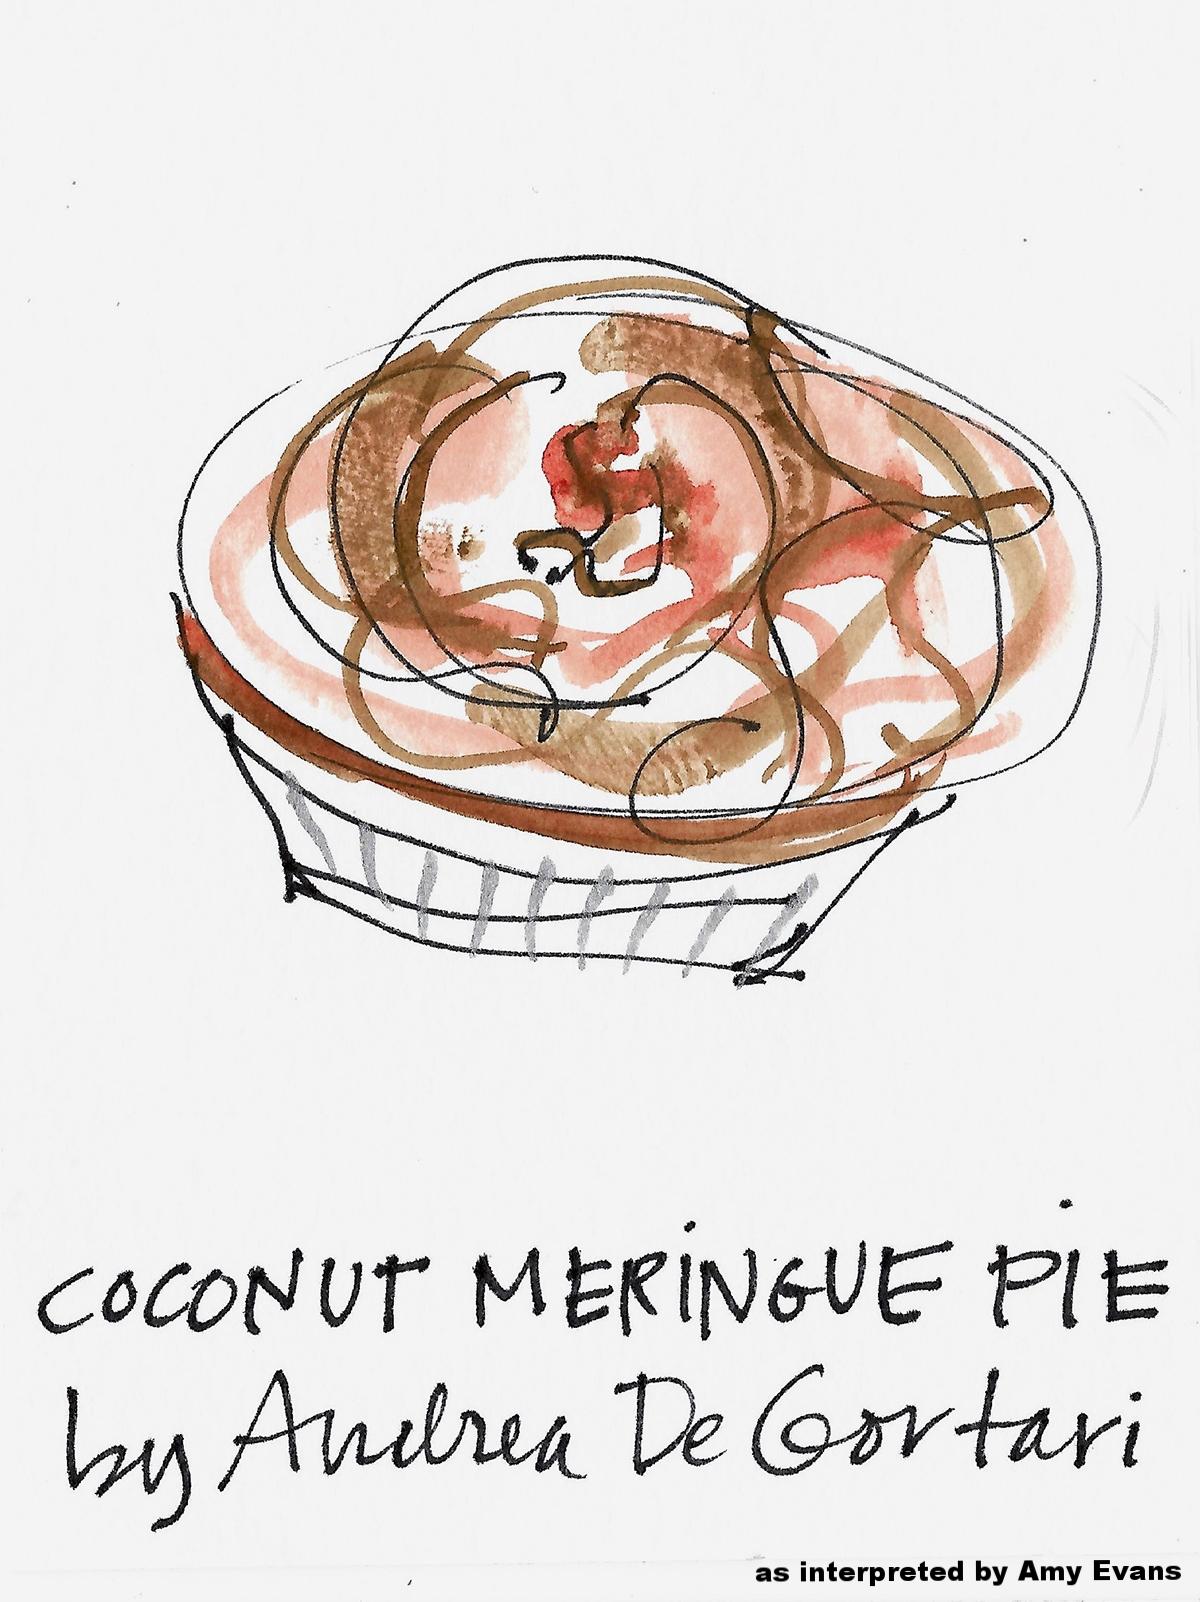 COCONUT MERINGUE PIE drawing by Amy C Evans.jpg